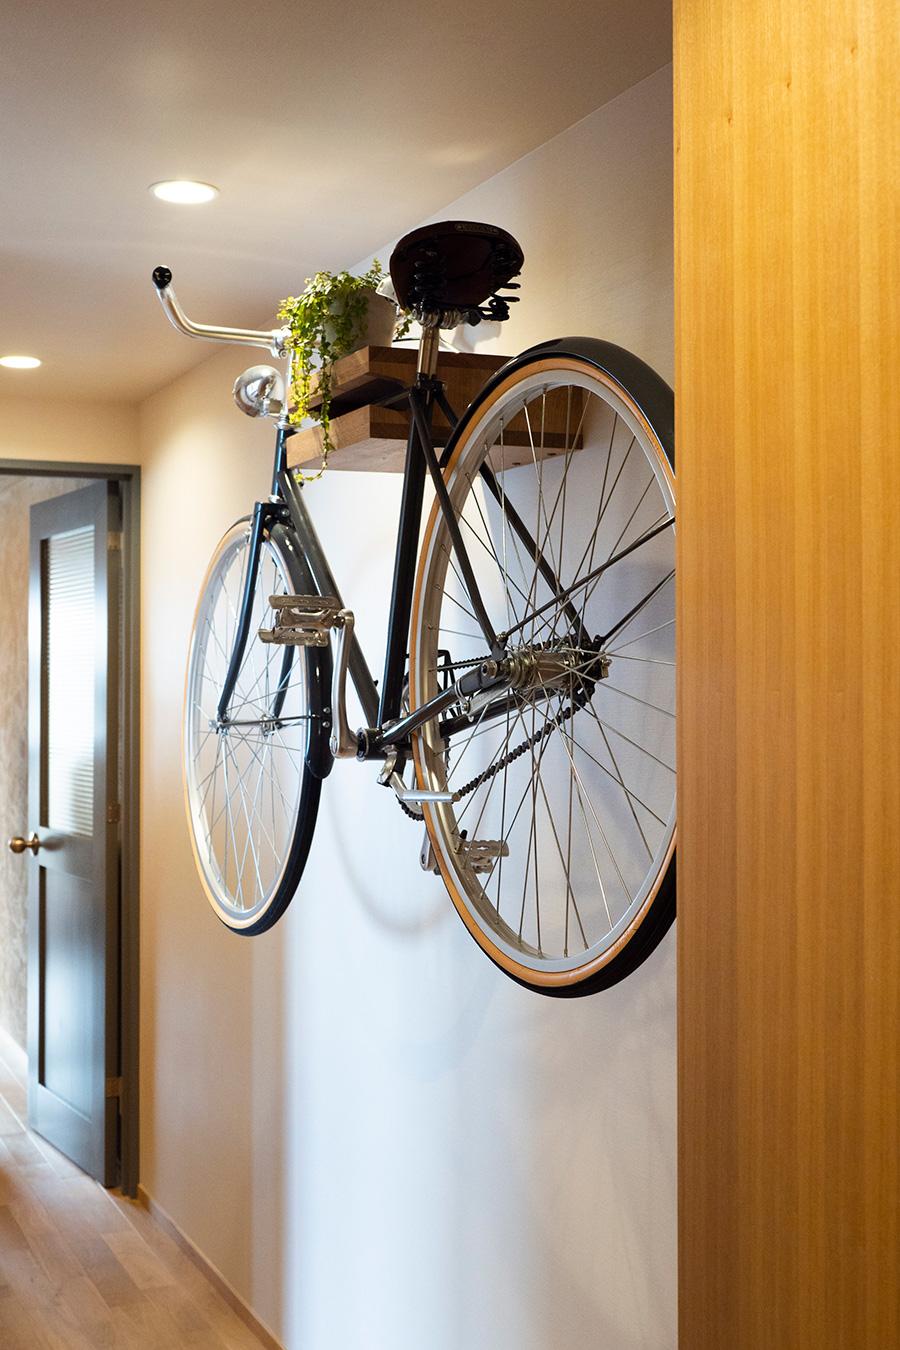 オーダーしてつくった和彦さんの愛車が、廊下を飾る。